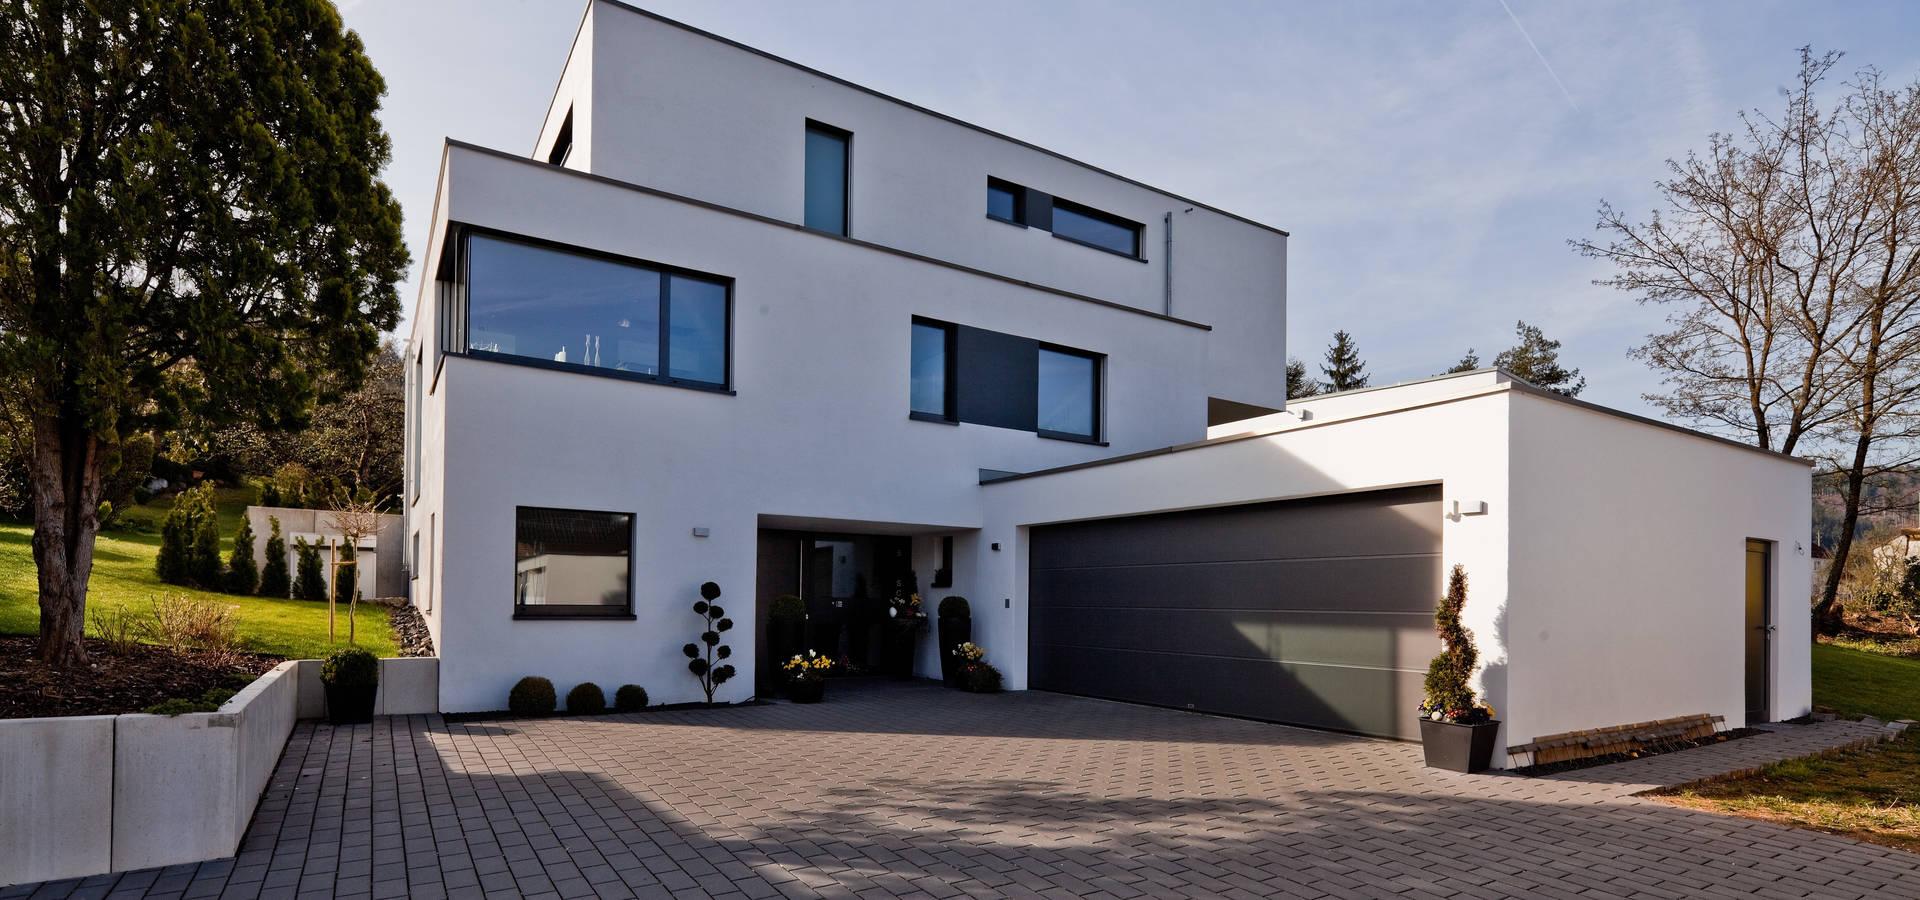 brügel_eickholt architekten gmbh